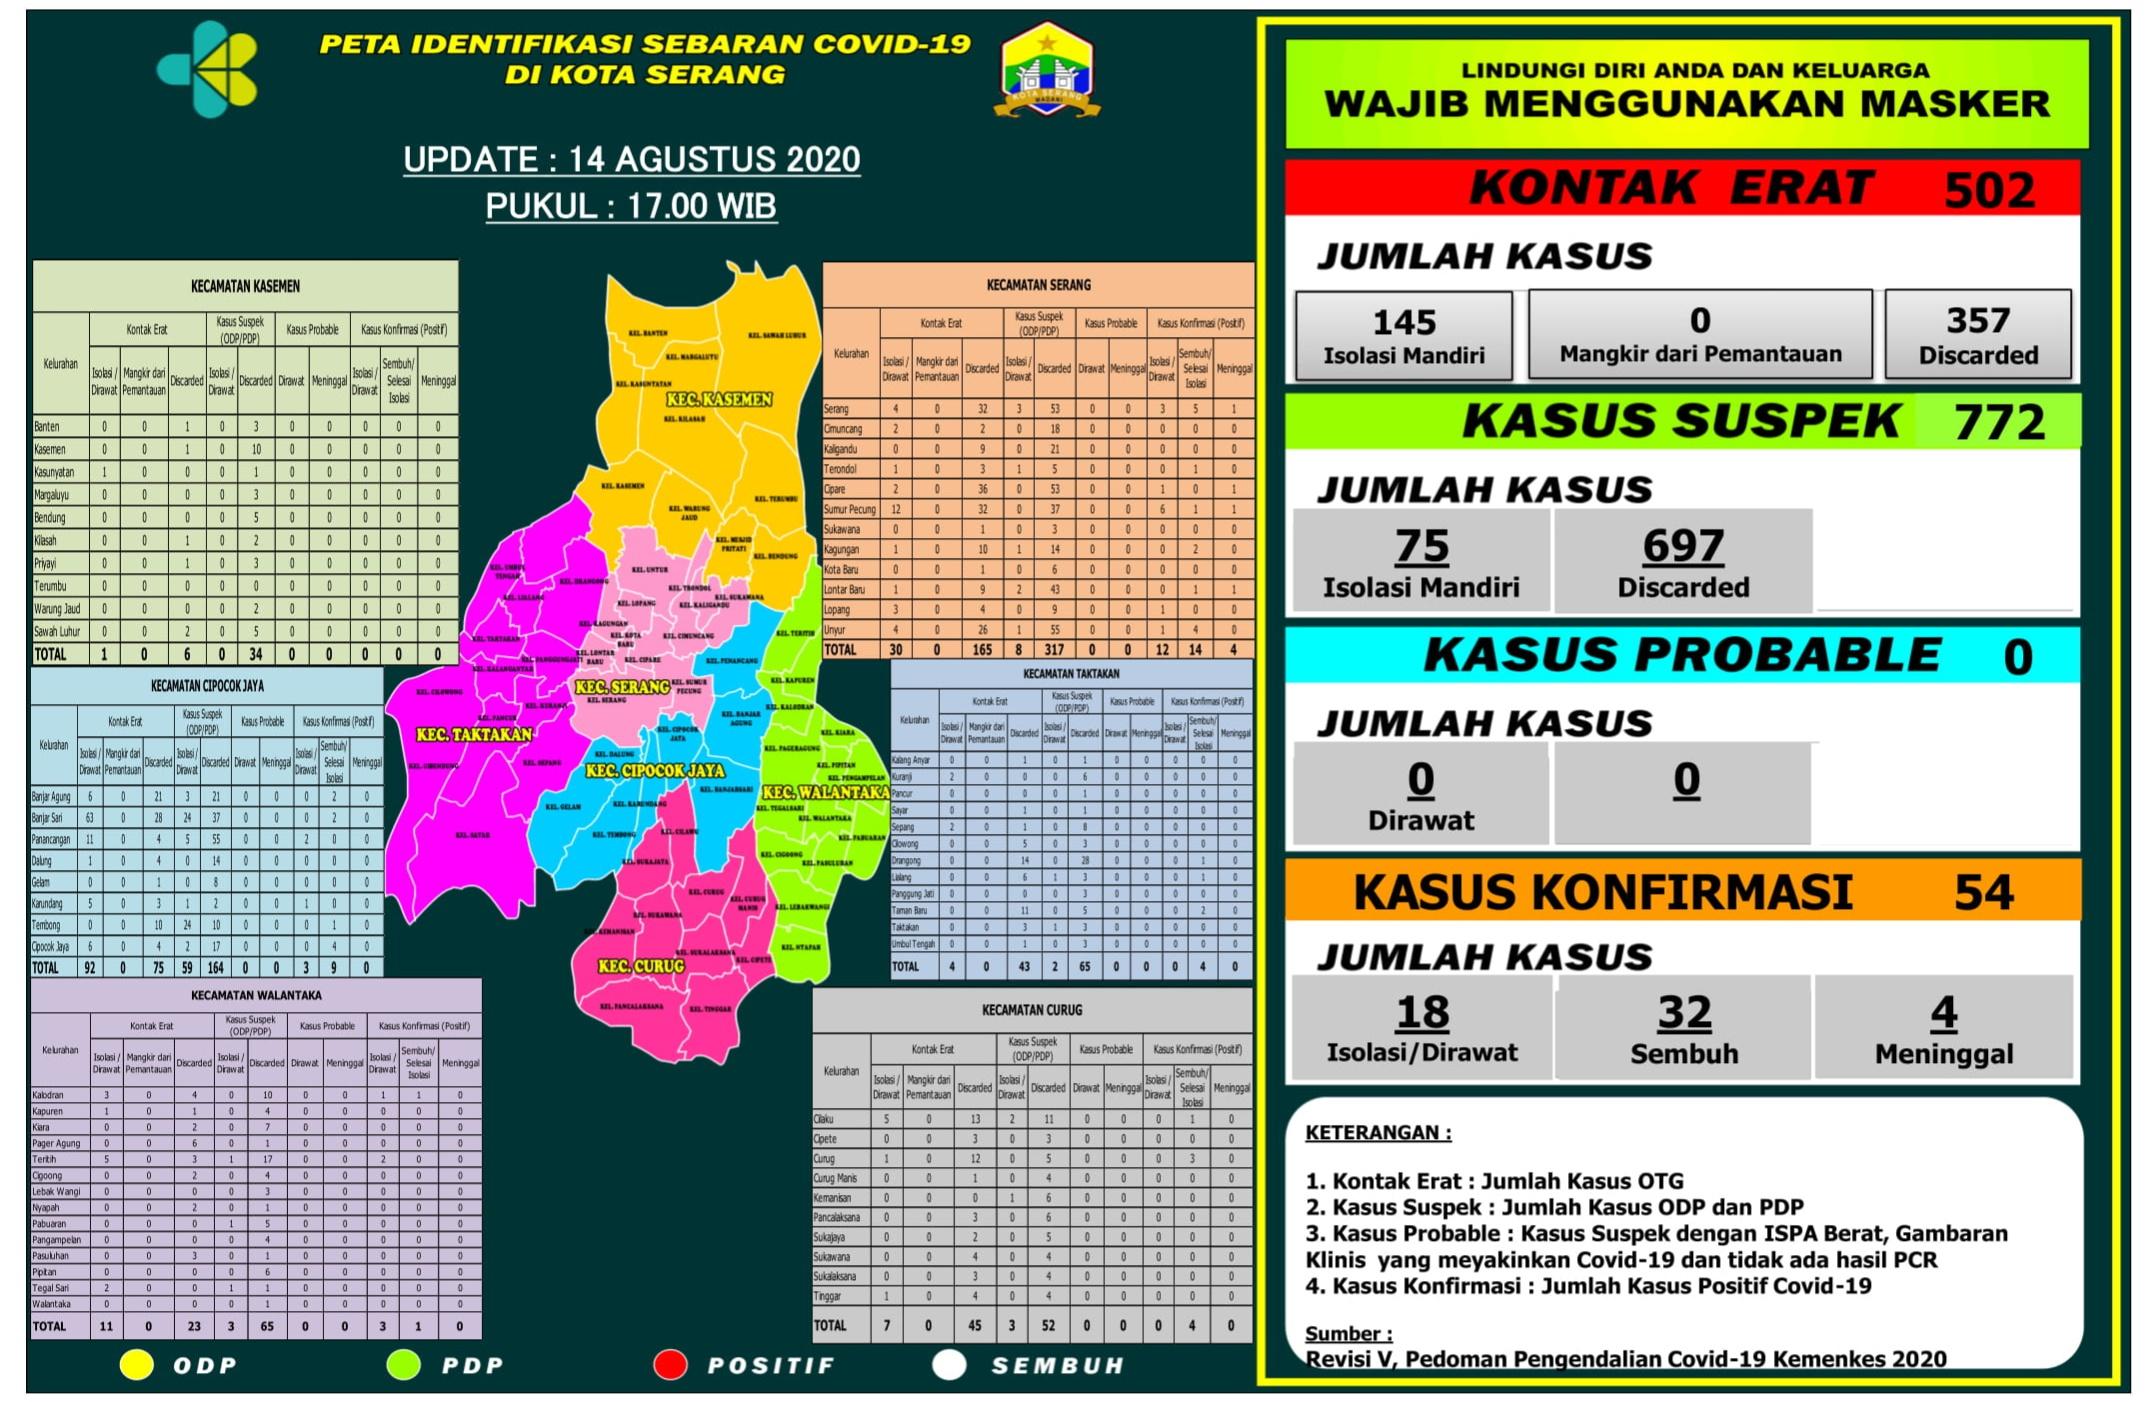 PETA IDENTIFIKASI SEBARAN COVID-19 DI WILAYAH KOTA SERANG, 14 AGUSTUS 2020.